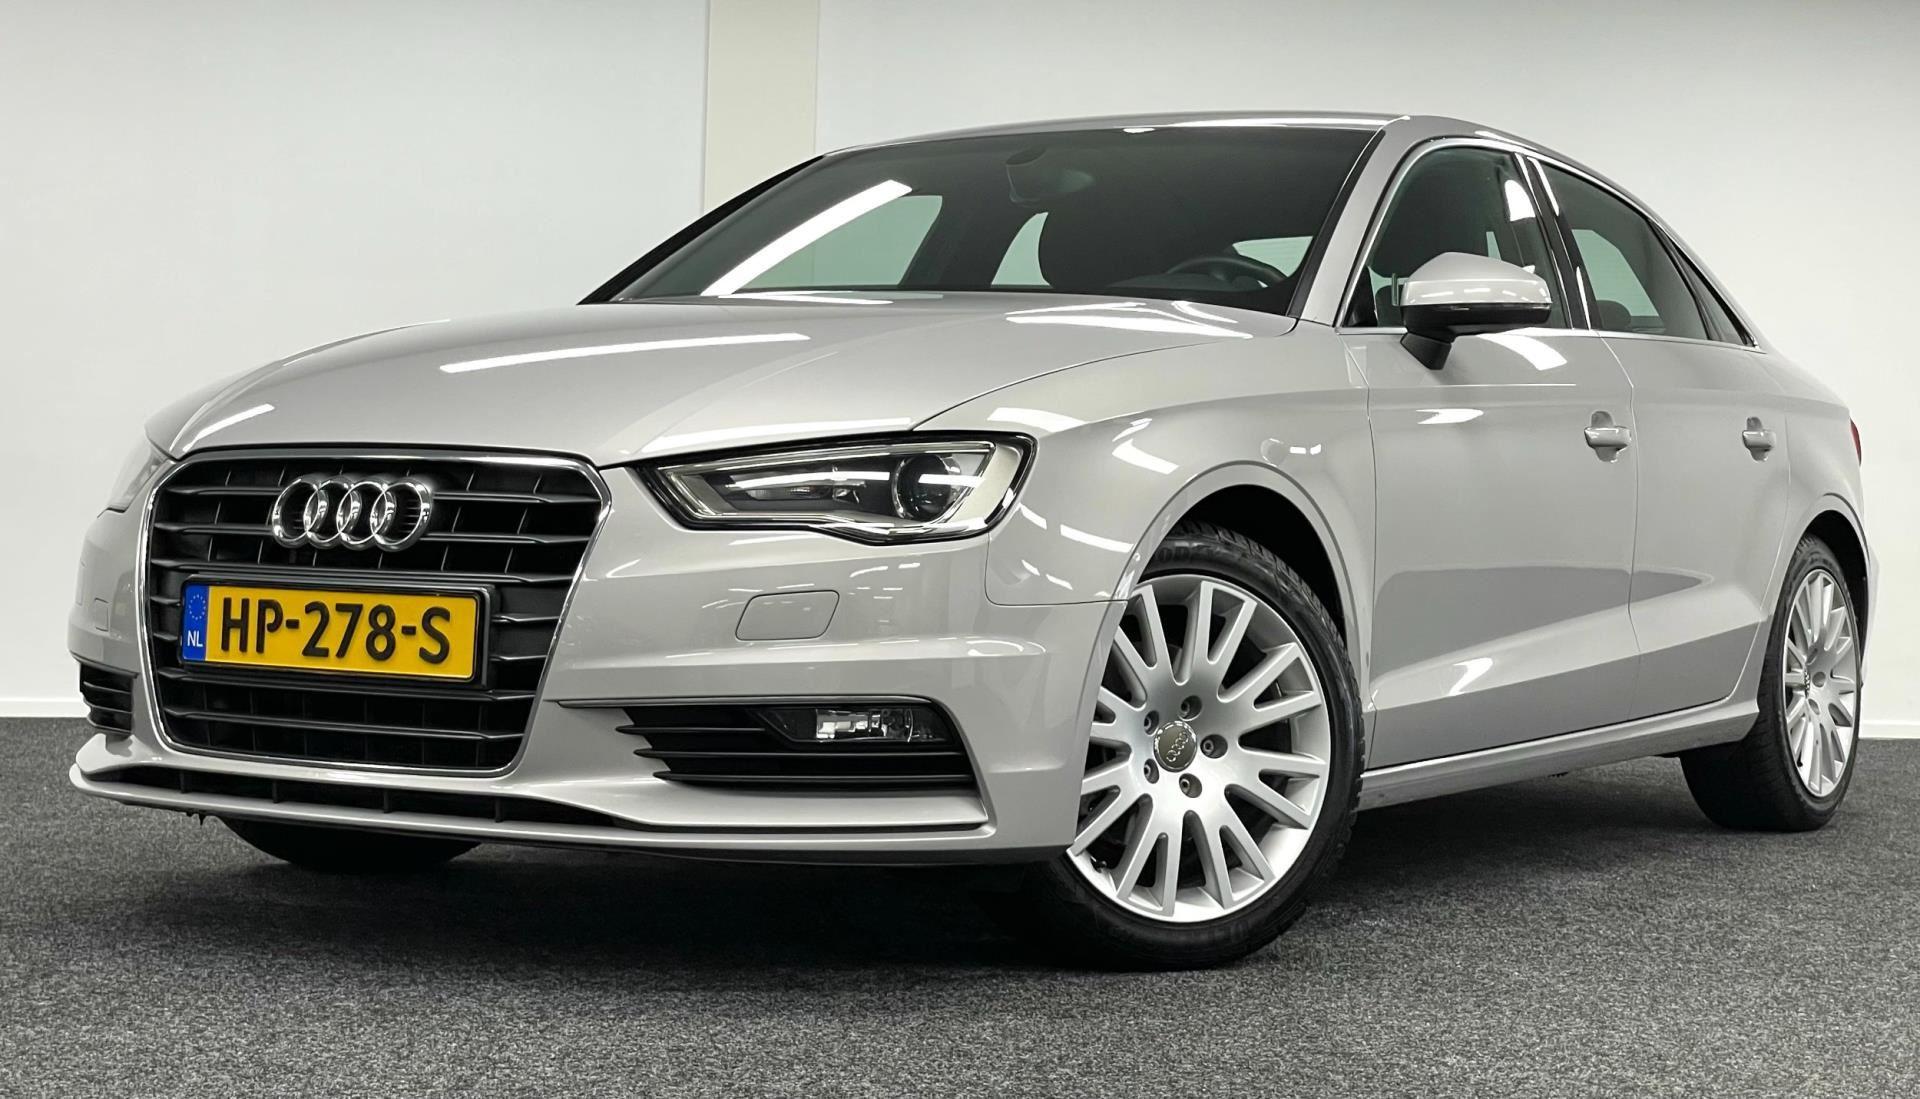 Audi A3 Limousine occasion - Mink van den Brink Auto's